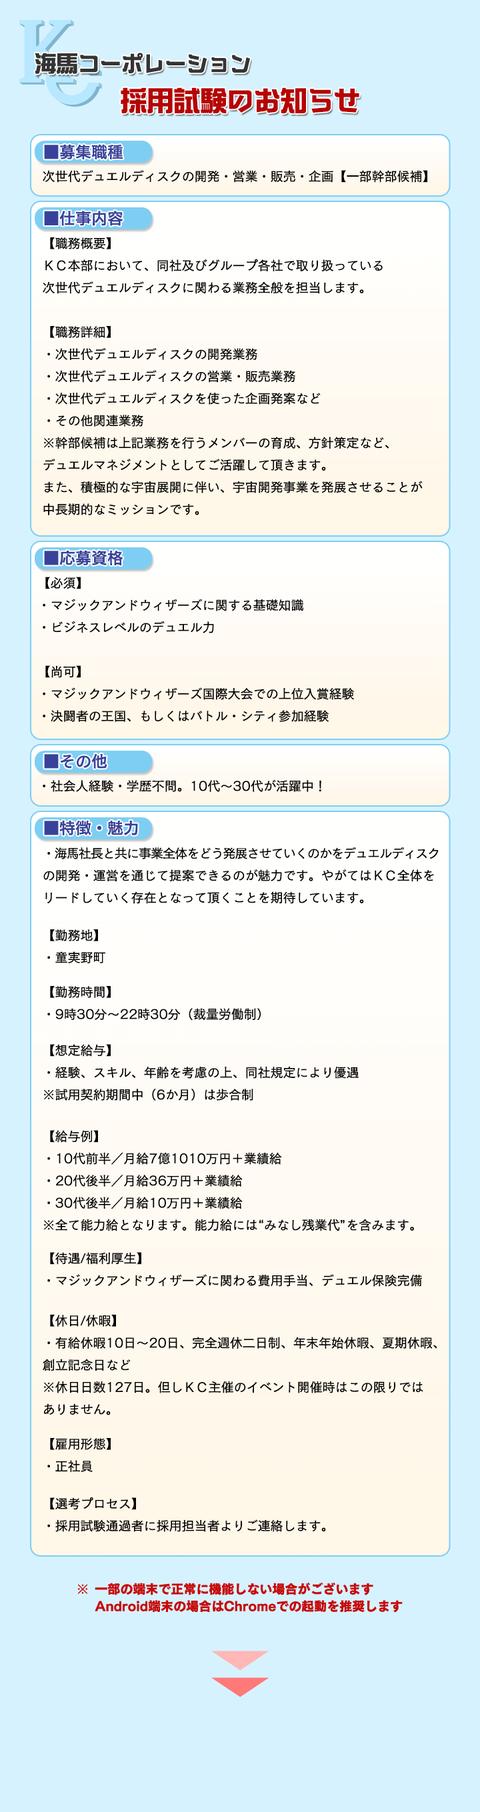 513cf171-s